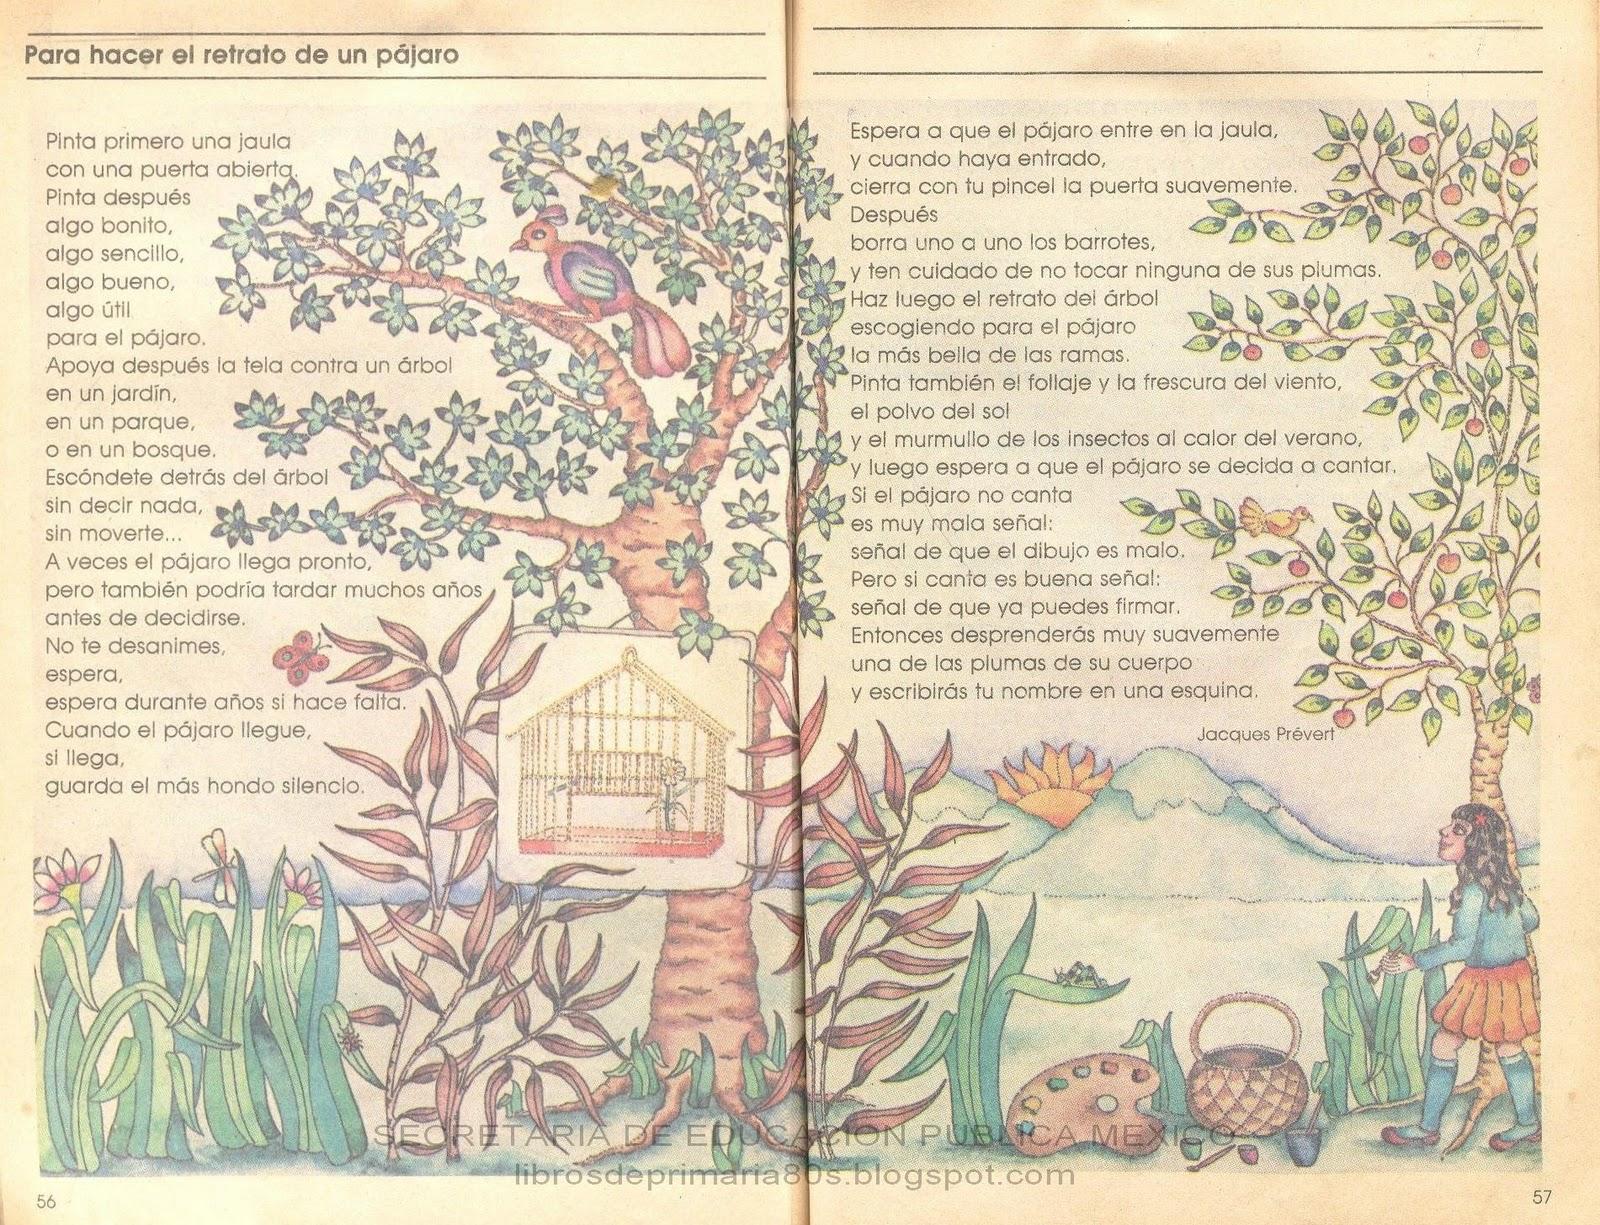 Libros de Primaria de los 80\'s: Para hacer el retrato de un pájaro ...